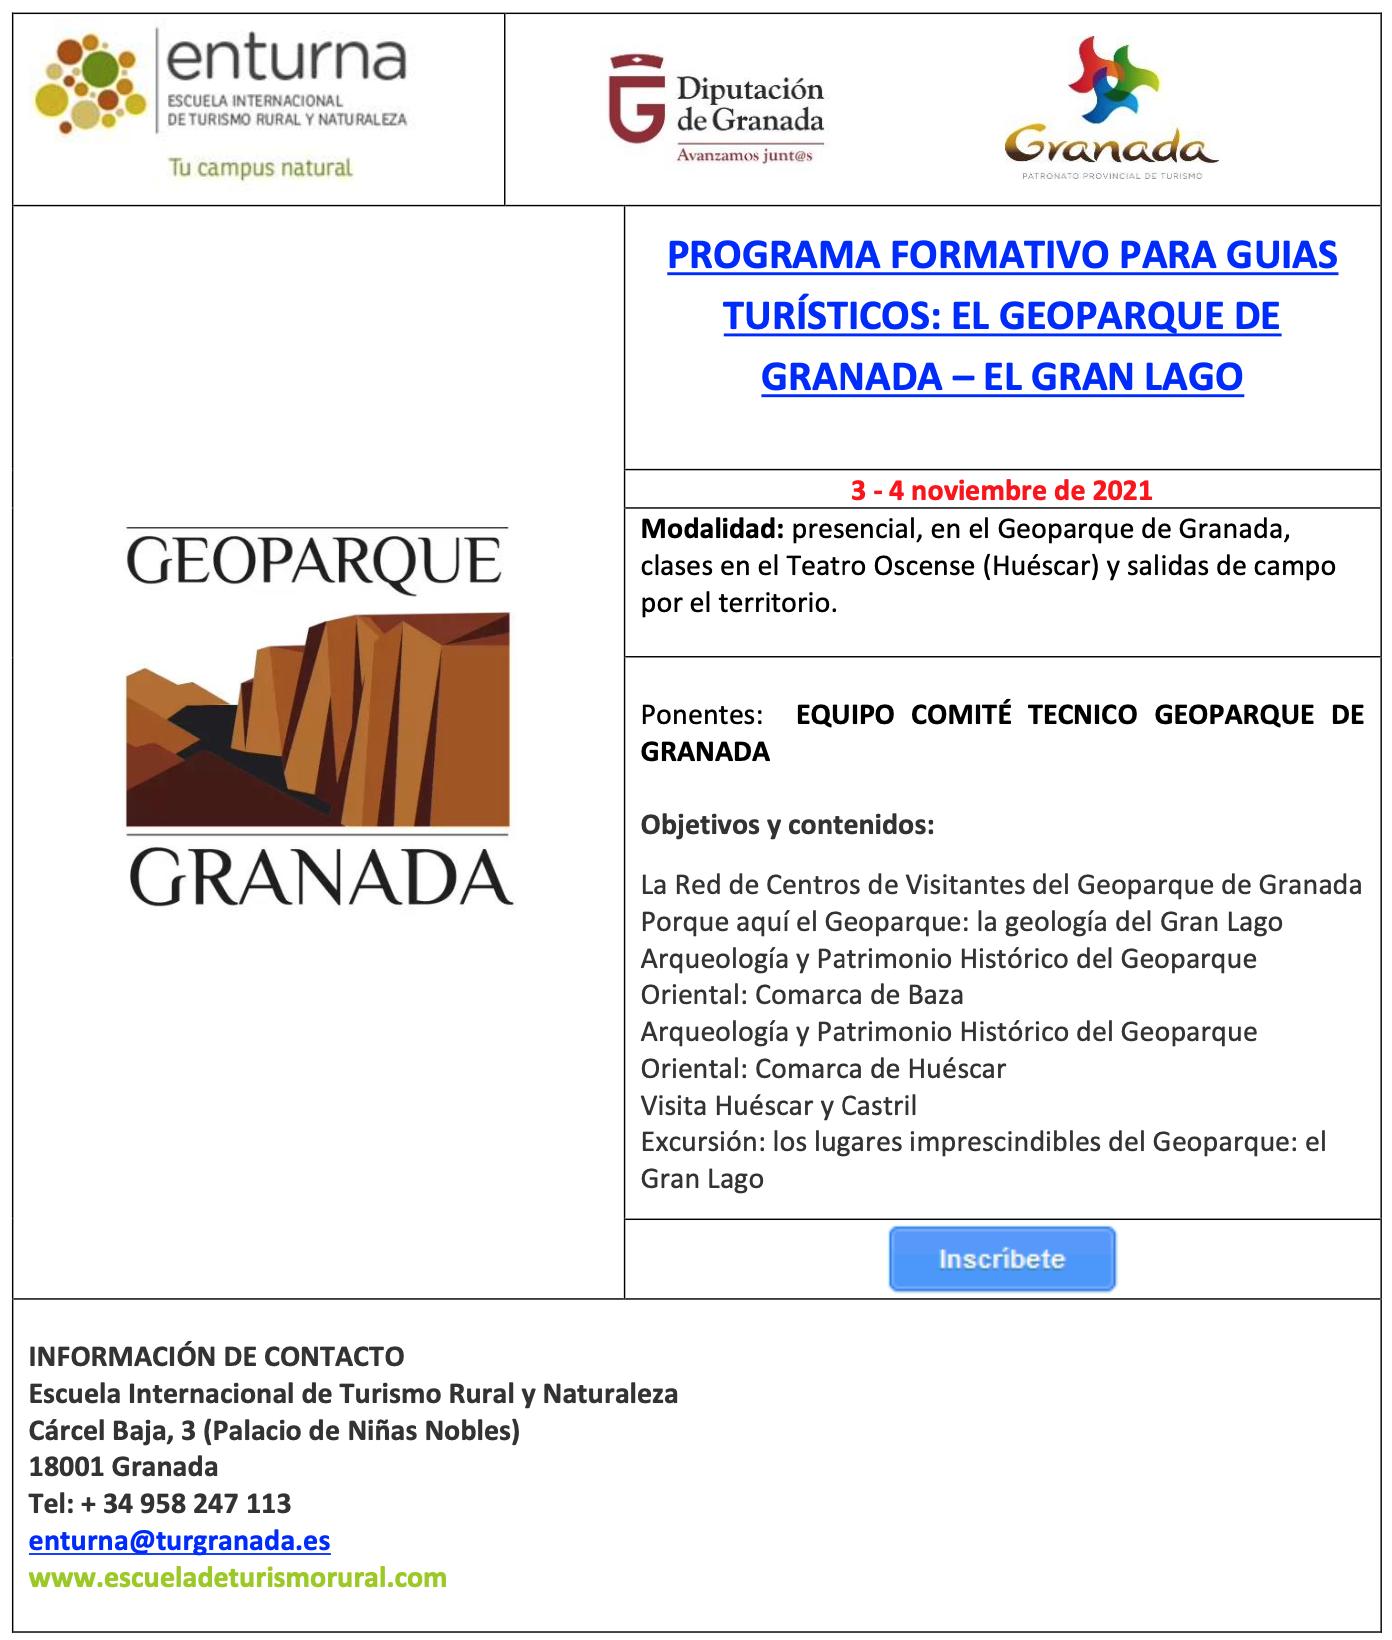 Screenshot 2021 10 11 at 18.43.04 - PROGRAMA FORMATIVO PARA GUIAS TURÍSTICOS: EL GEOPARQUE DE GRANADA – EL GRAN LAGO - Geoparque de Granada